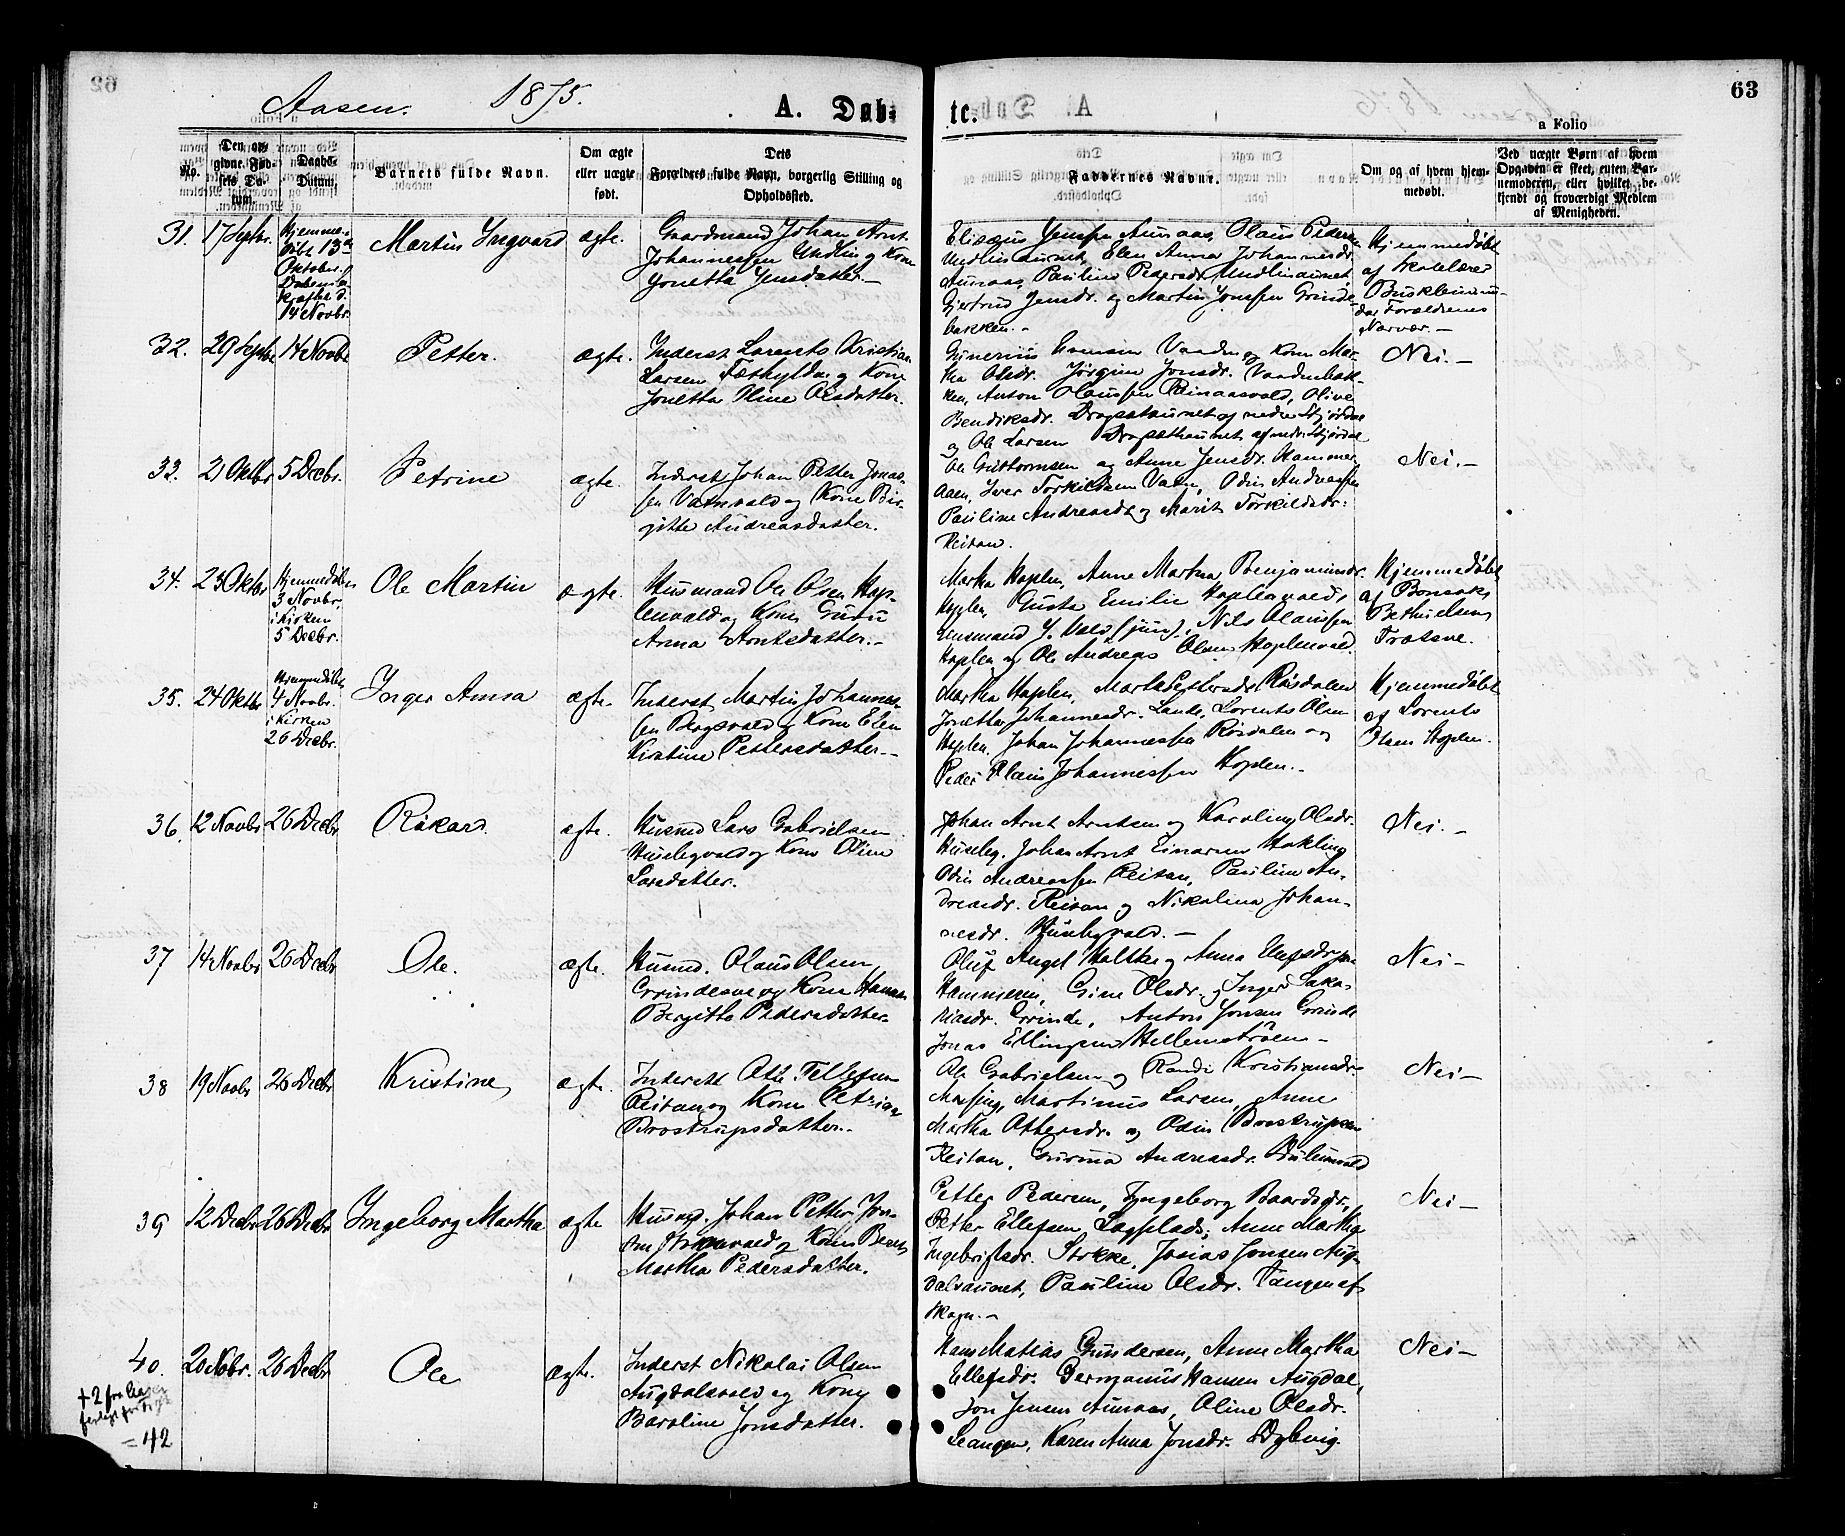 SAT, Ministerialprotokoller, klokkerbøker og fødselsregistre - Nord-Trøndelag, 713/L0118: Ministerialbok nr. 713A08 /2, 1875-1877, s. 63